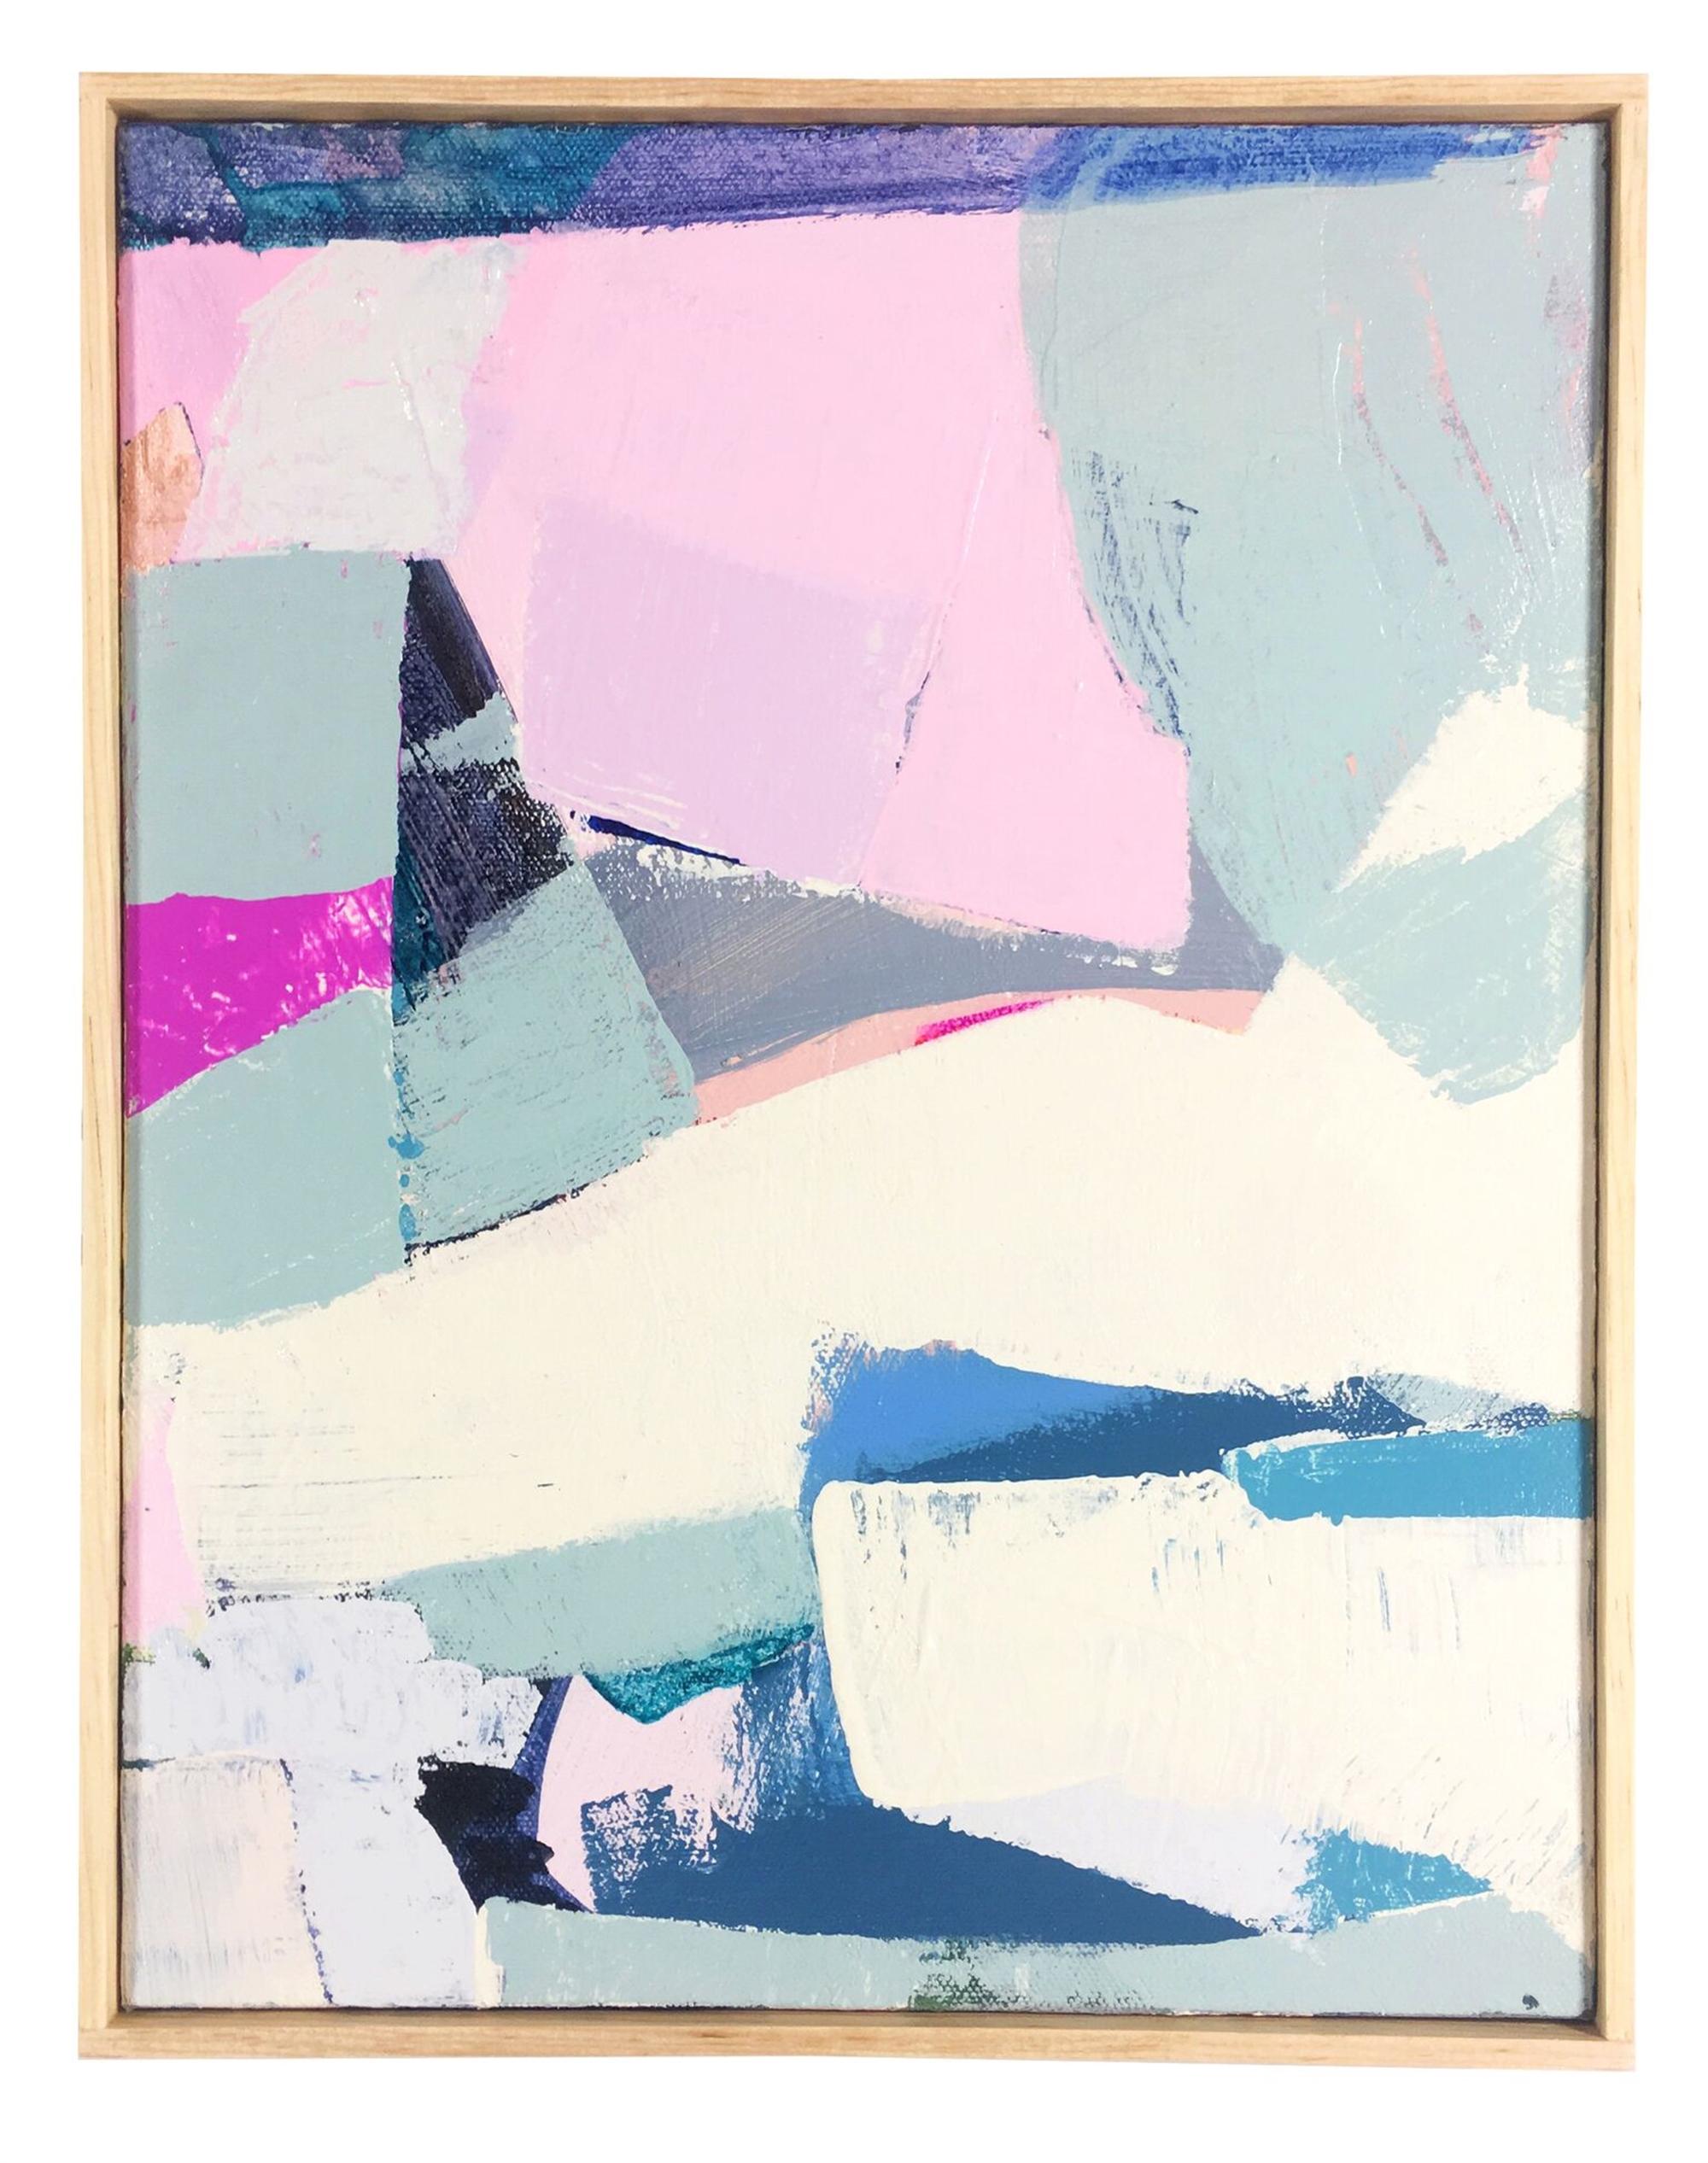 Camden Wind by Jenny Prinn